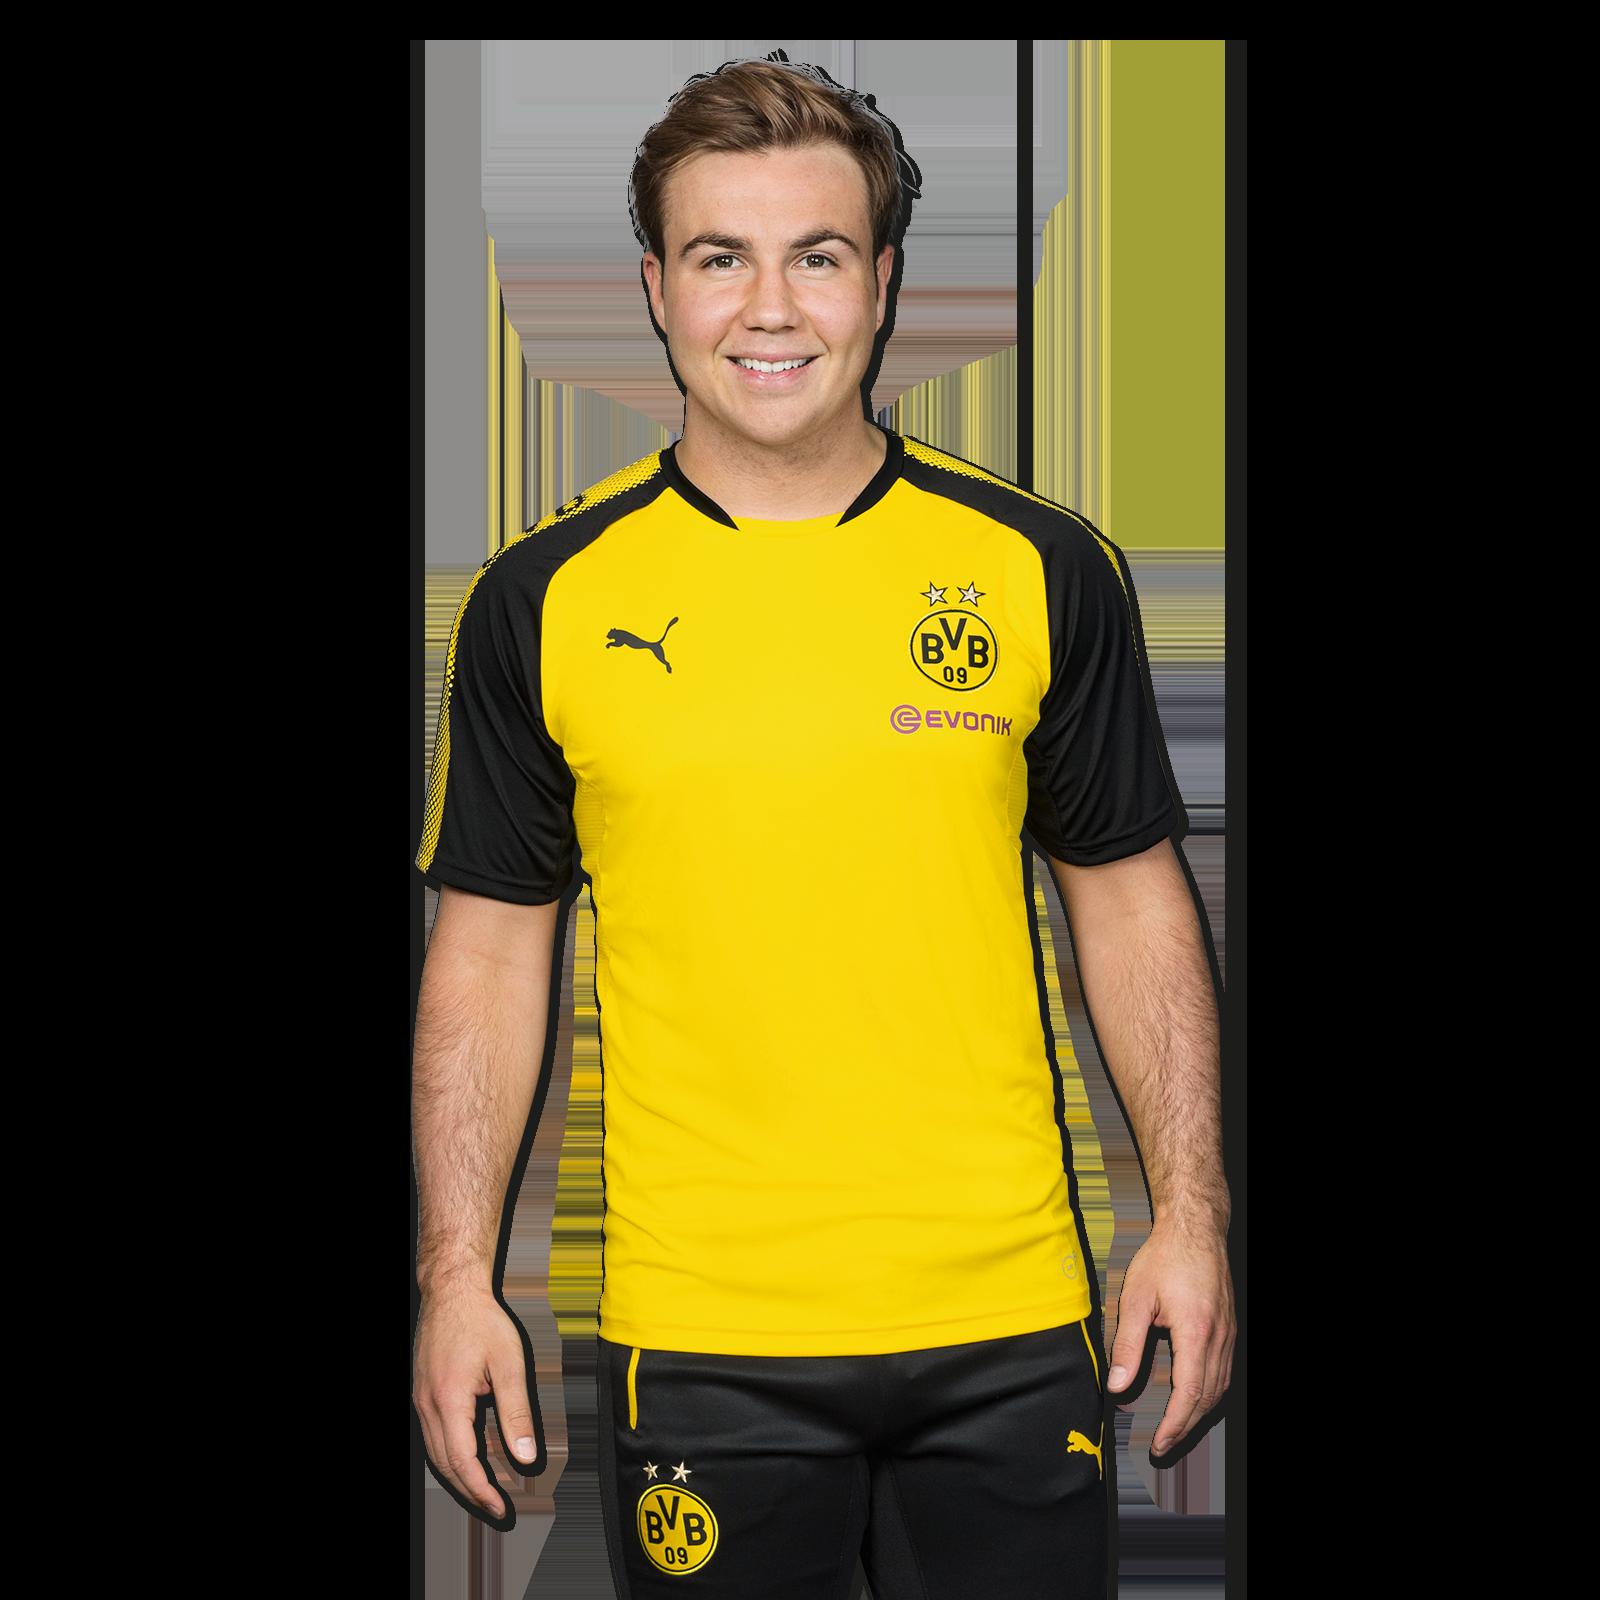 bvb trainingsshirt 17 18 gelb shirts herren offizieller bvb online fanshop. Black Bedroom Furniture Sets. Home Design Ideas